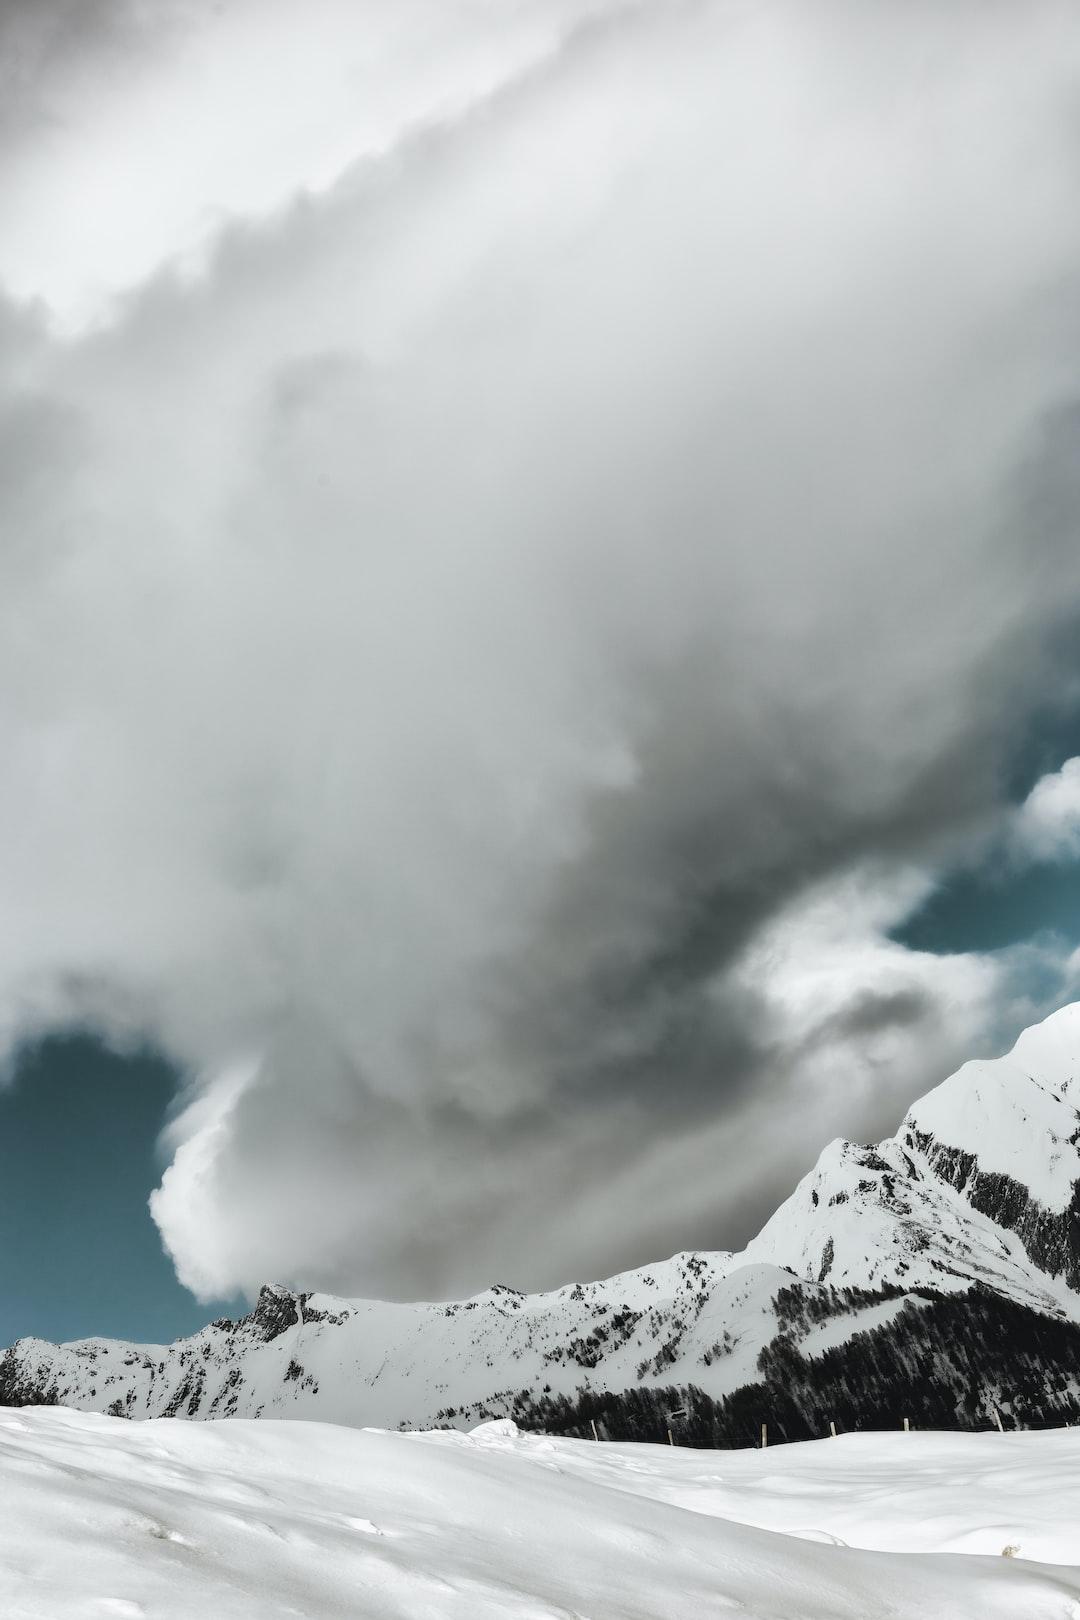 Wonder of clouds!